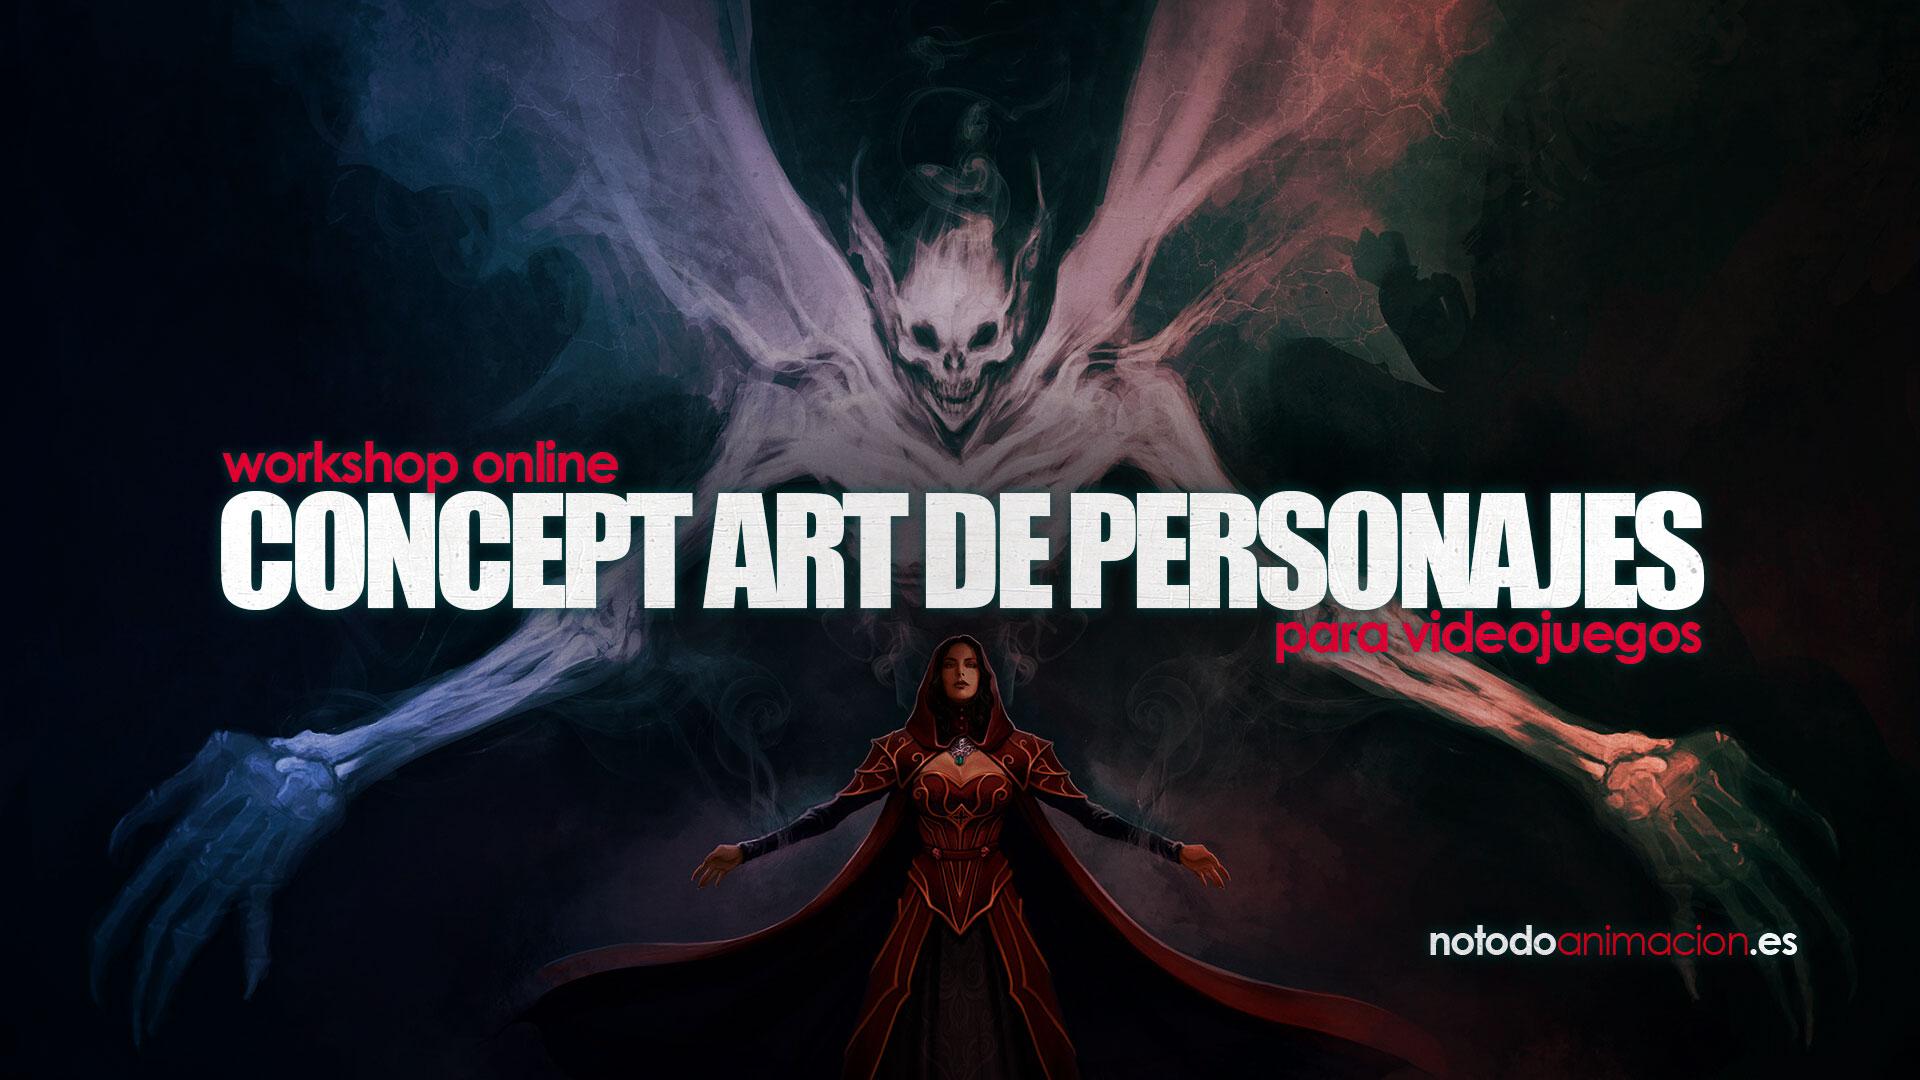 concept art de personajes para videojuegos